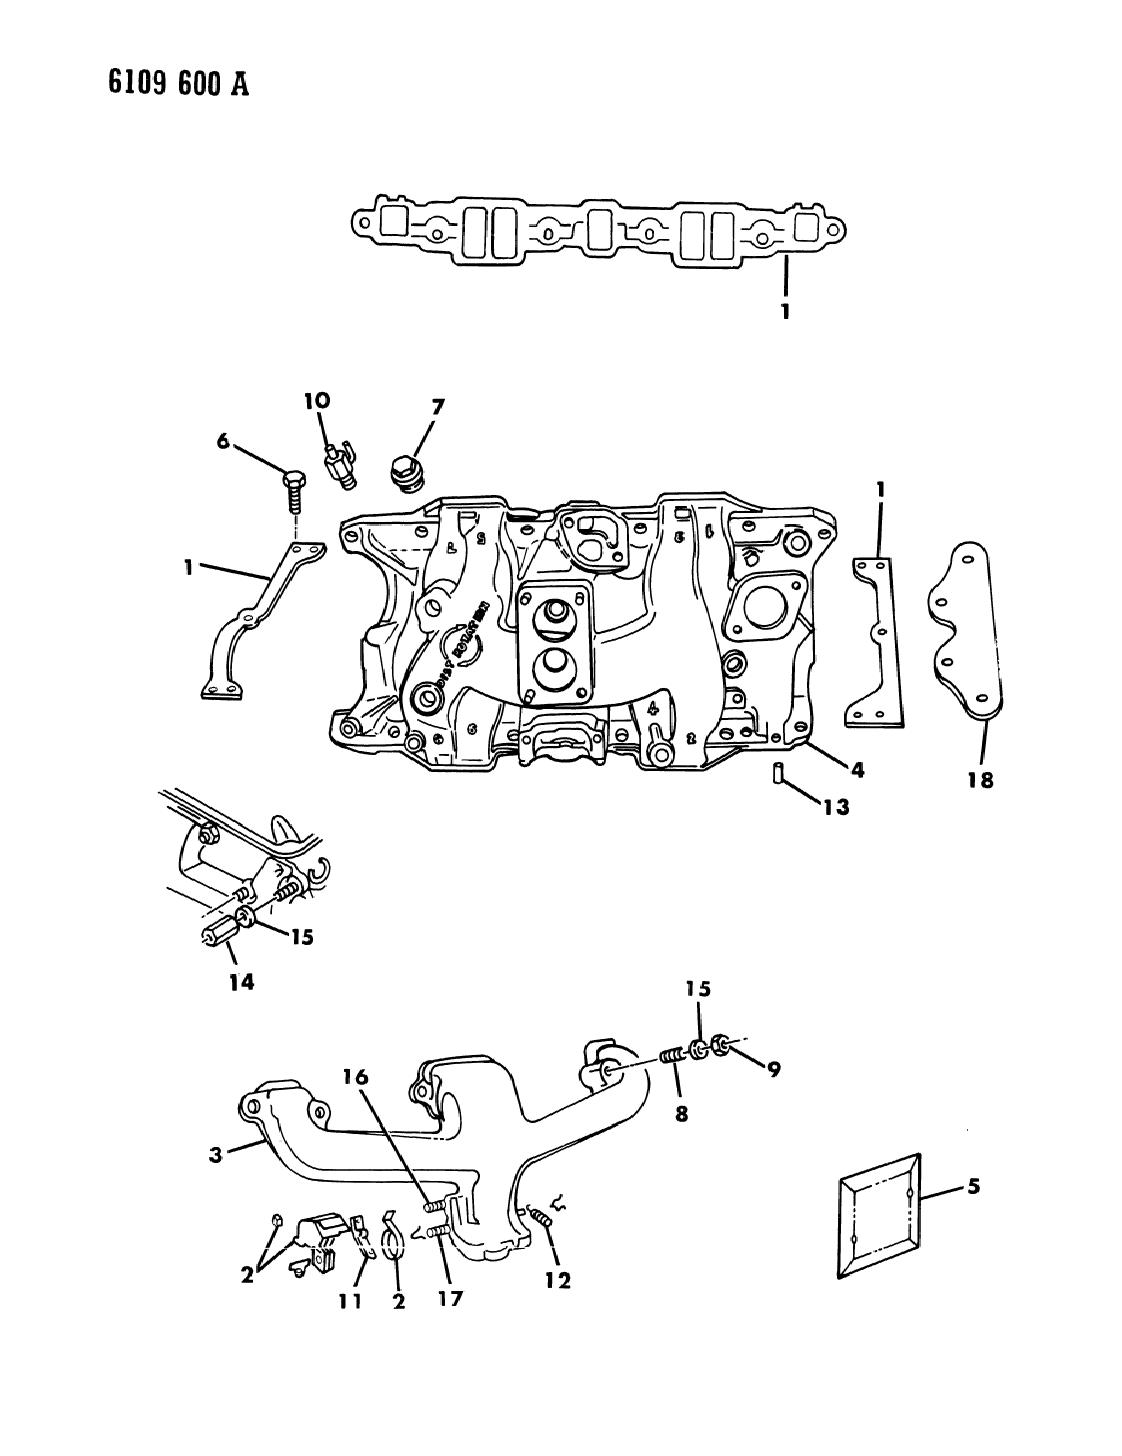 1986 Dodge Diplomat Manifold - Intake & Exhaust